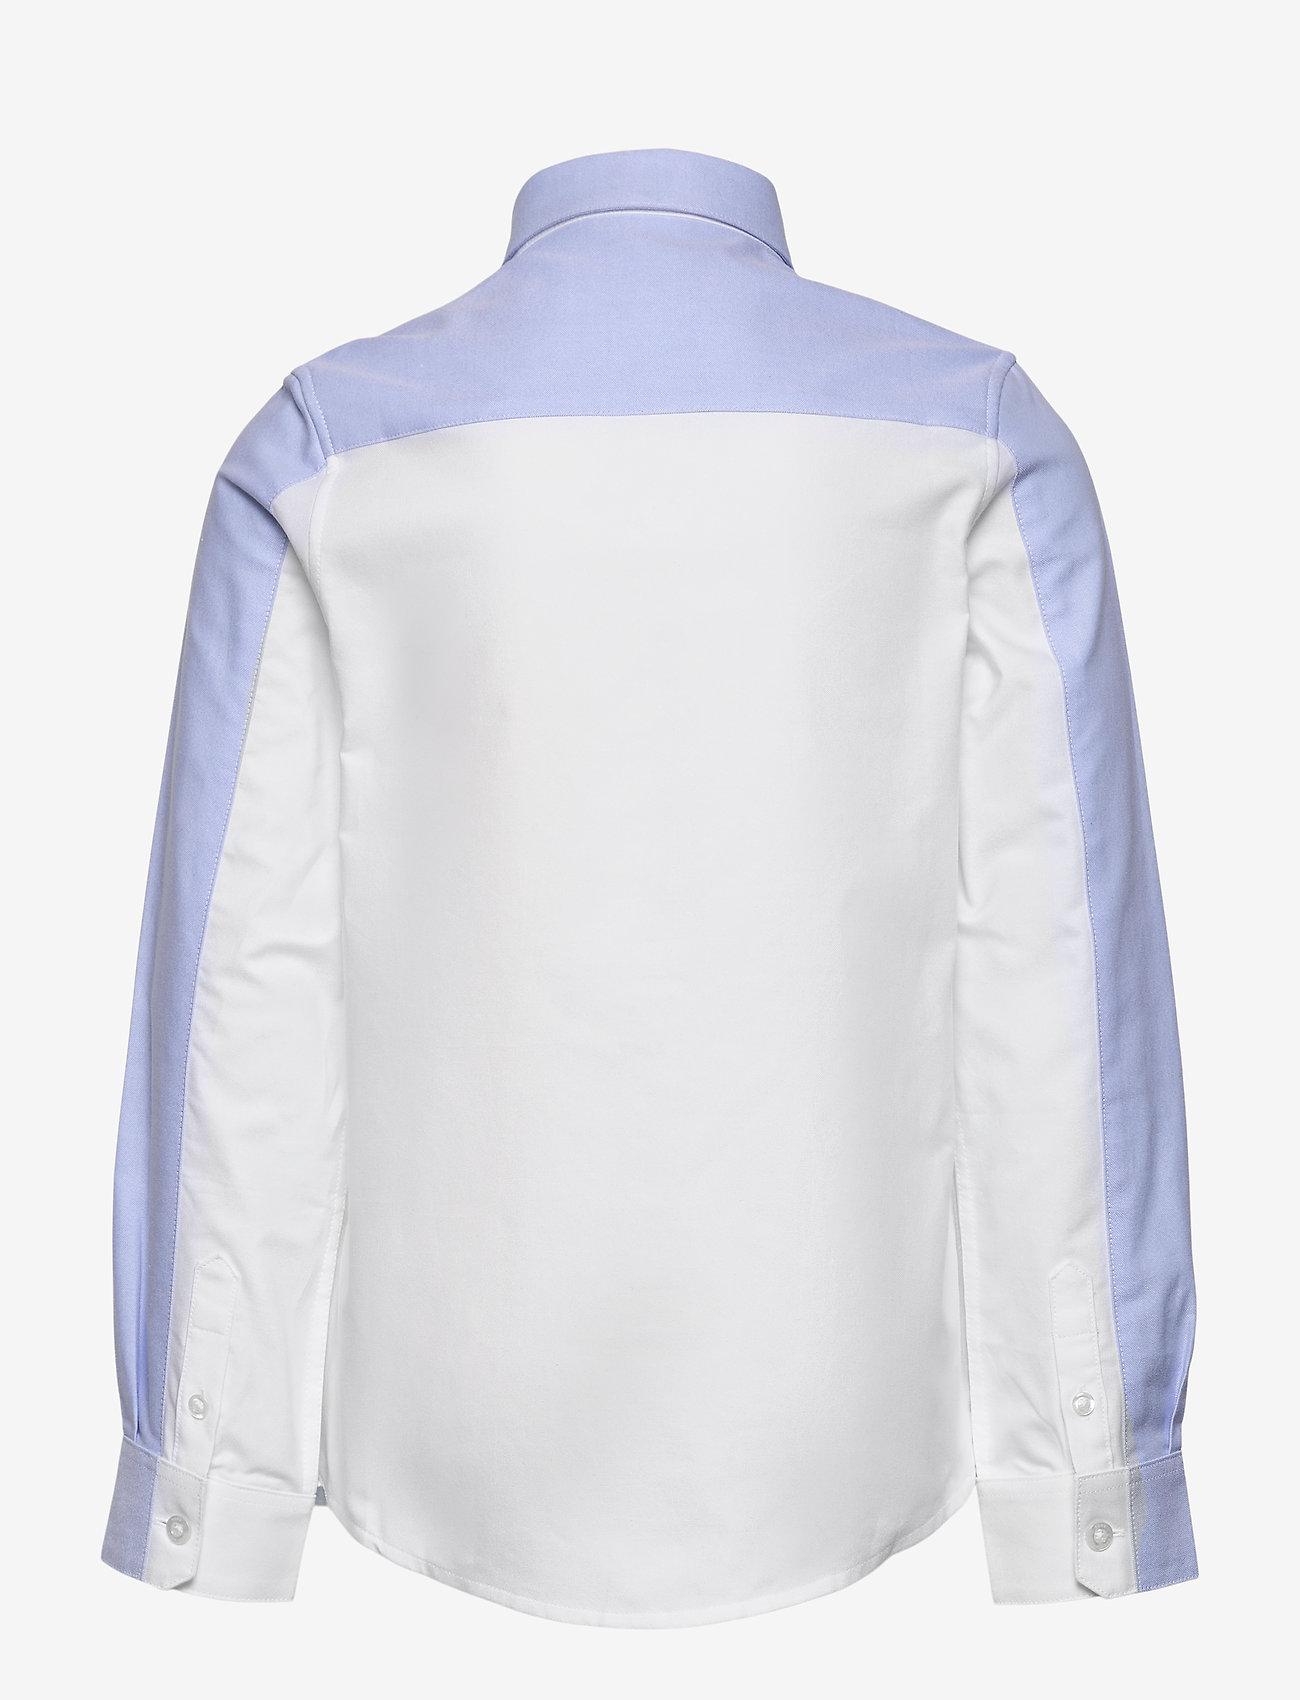 BOSS - LONG SLEEVED SHIRT - overhemden - white - 1